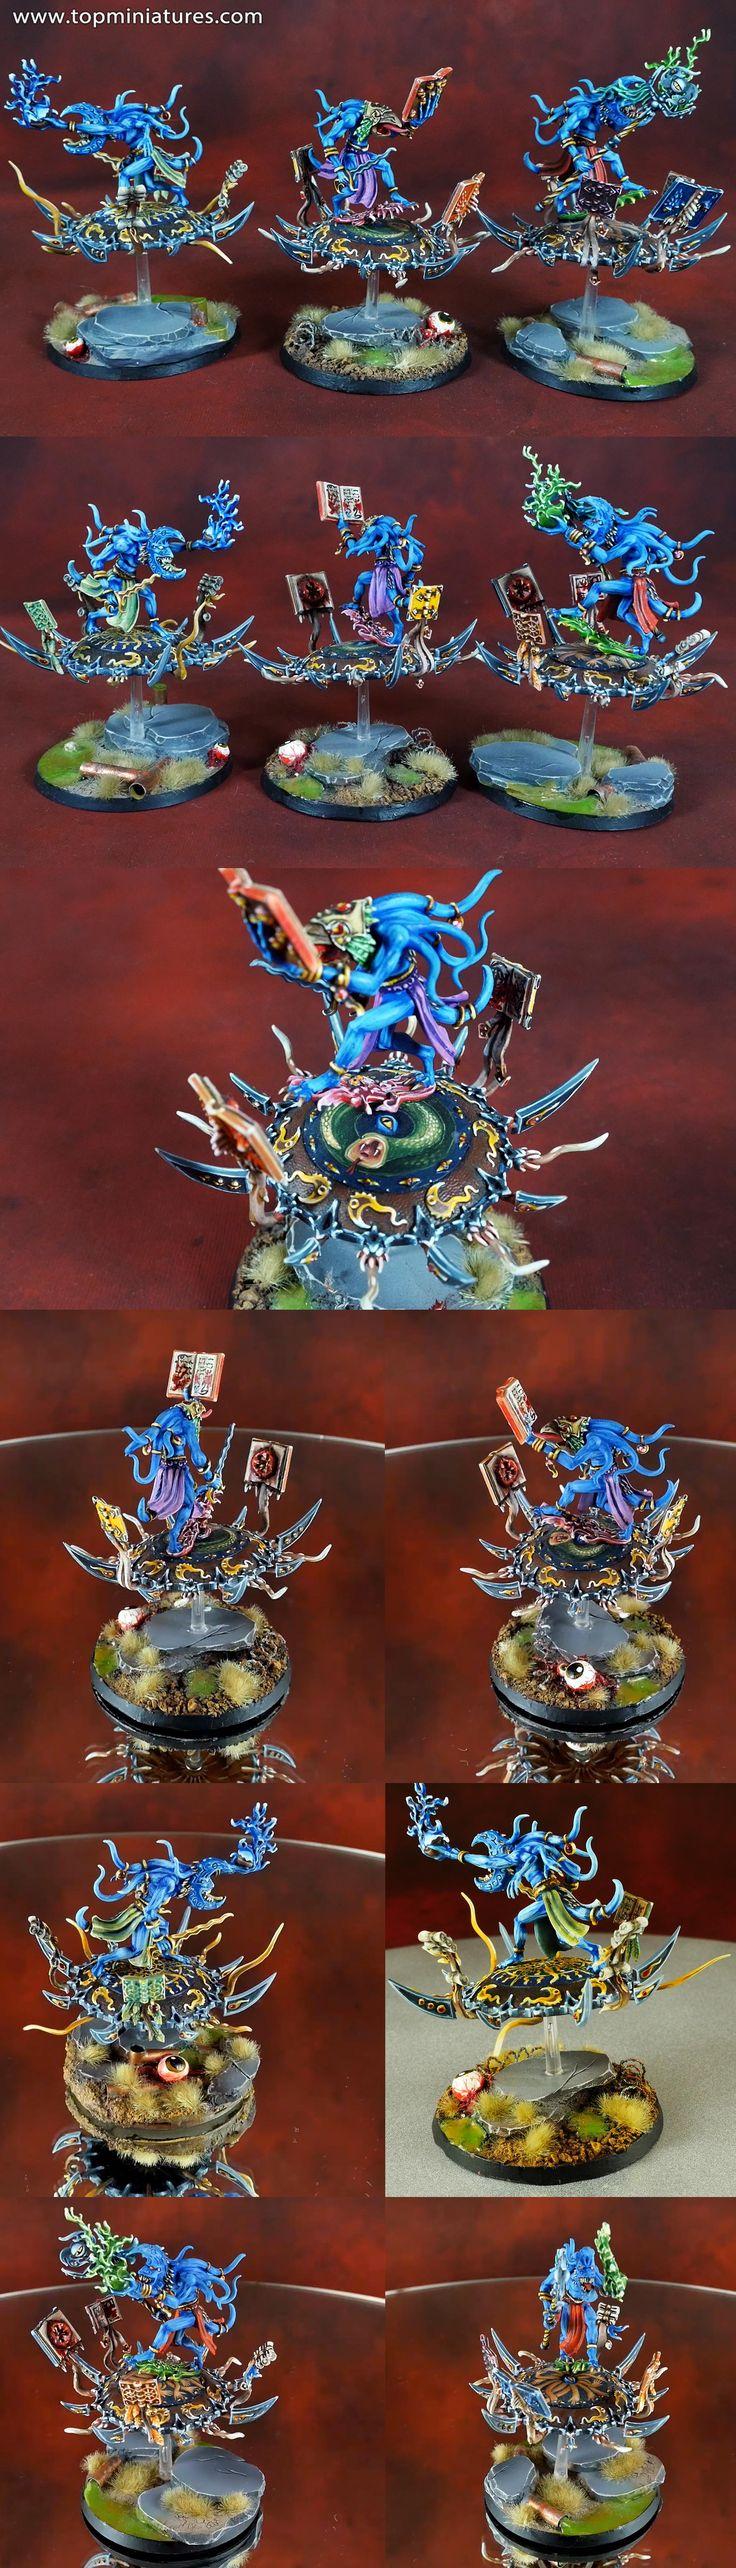 Warhammer 40k chaos daemons heralds of tzeentch on disc